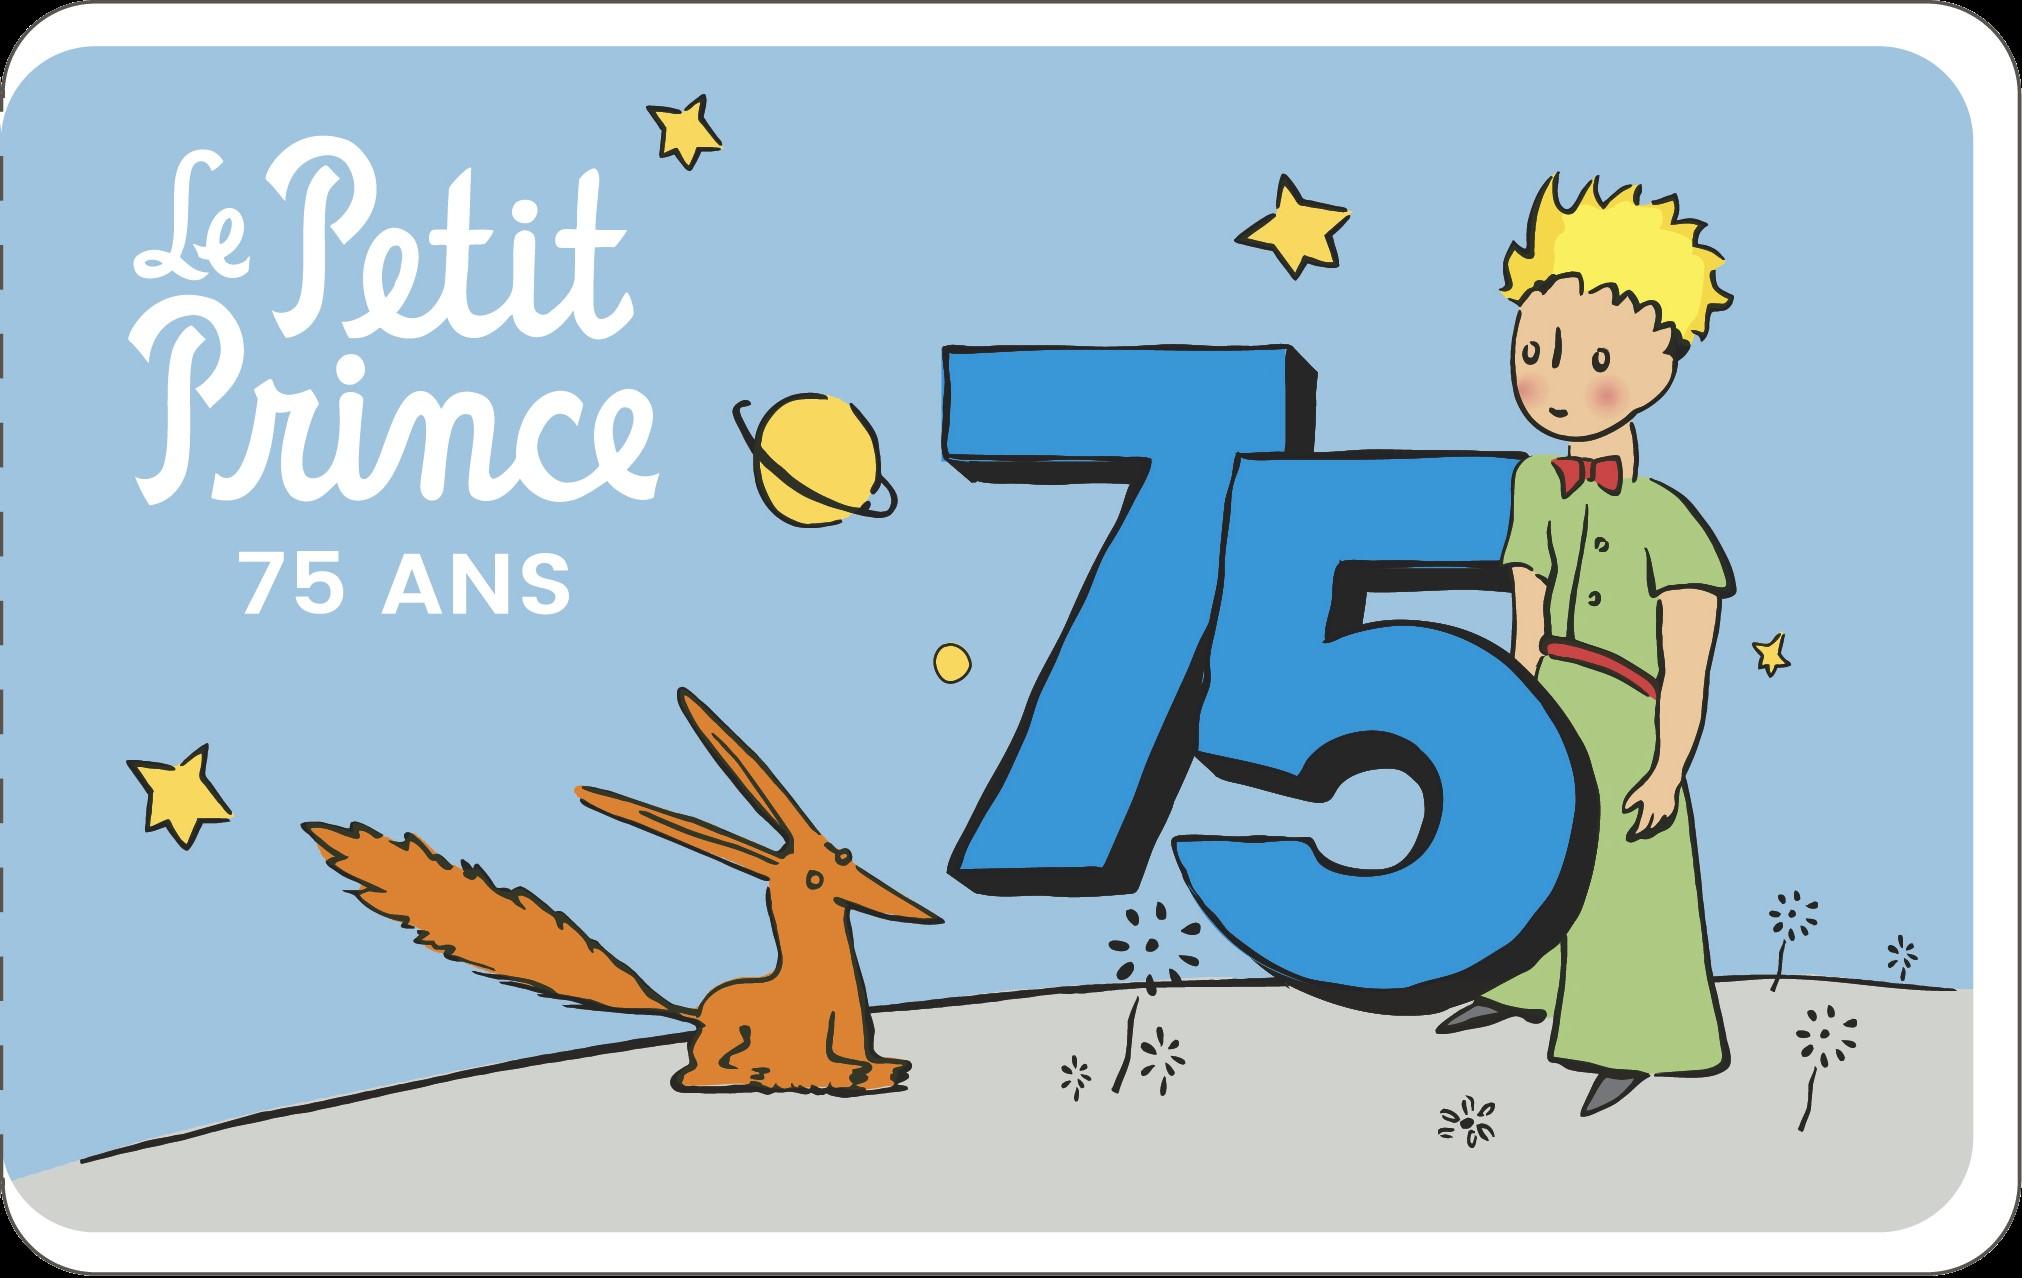 Le Petit Prince 75 ans